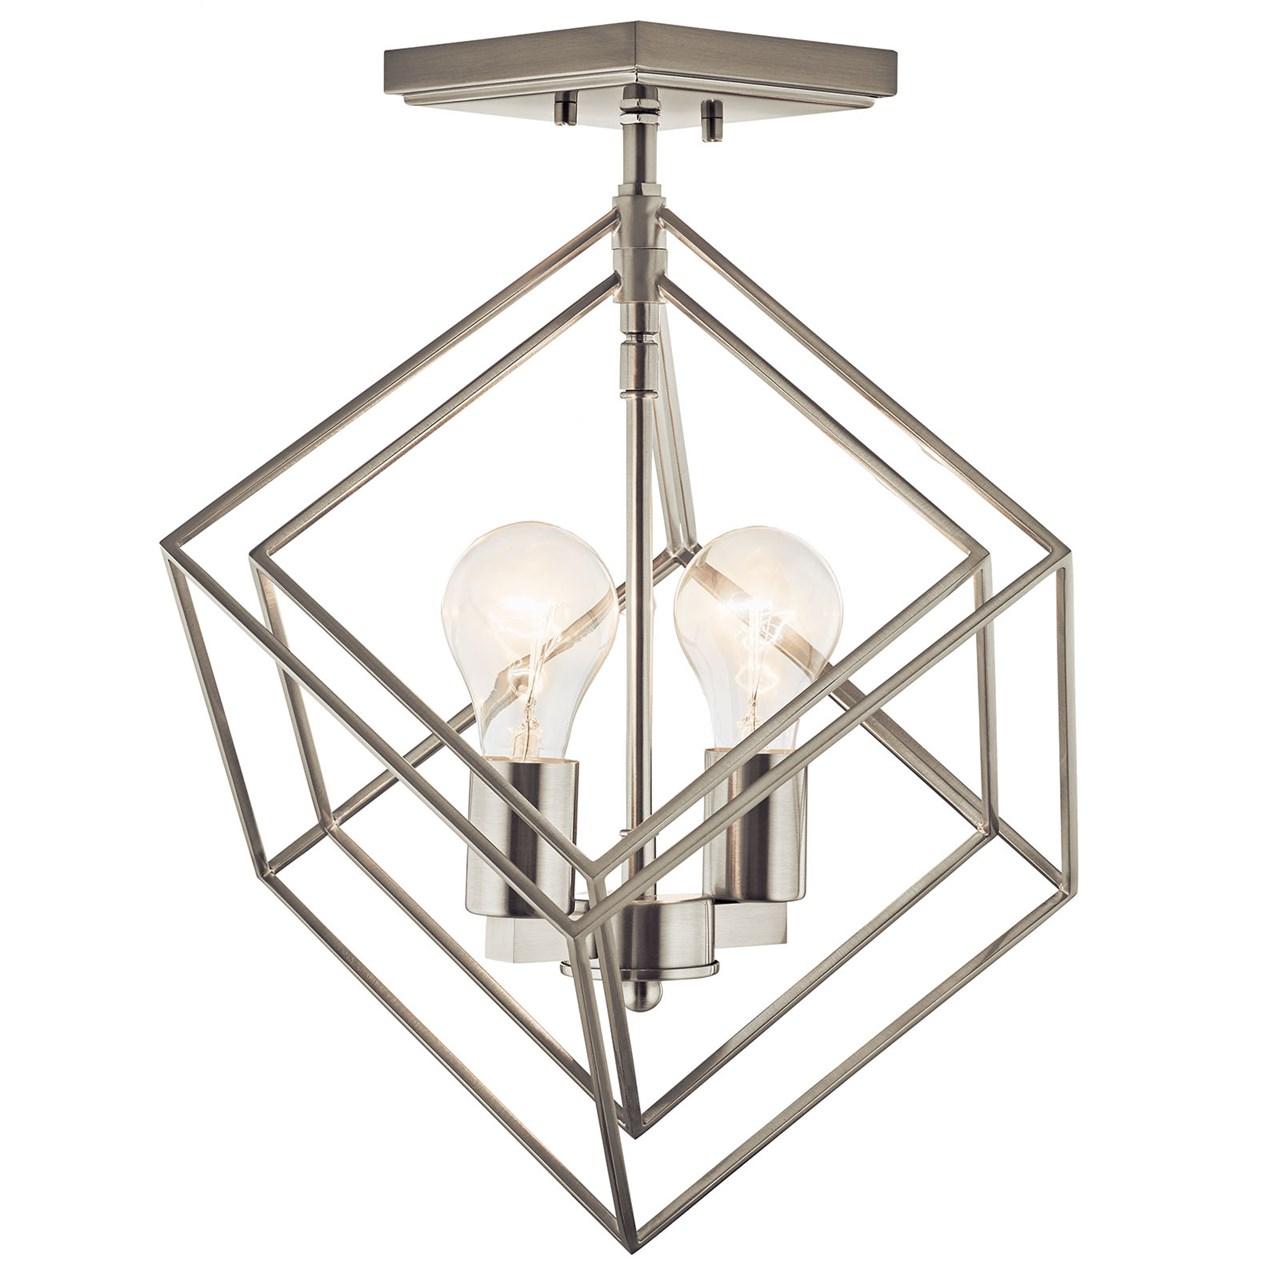 Beckenham 2 Light Semi Flush Brushed Nickel Kichler Lighting